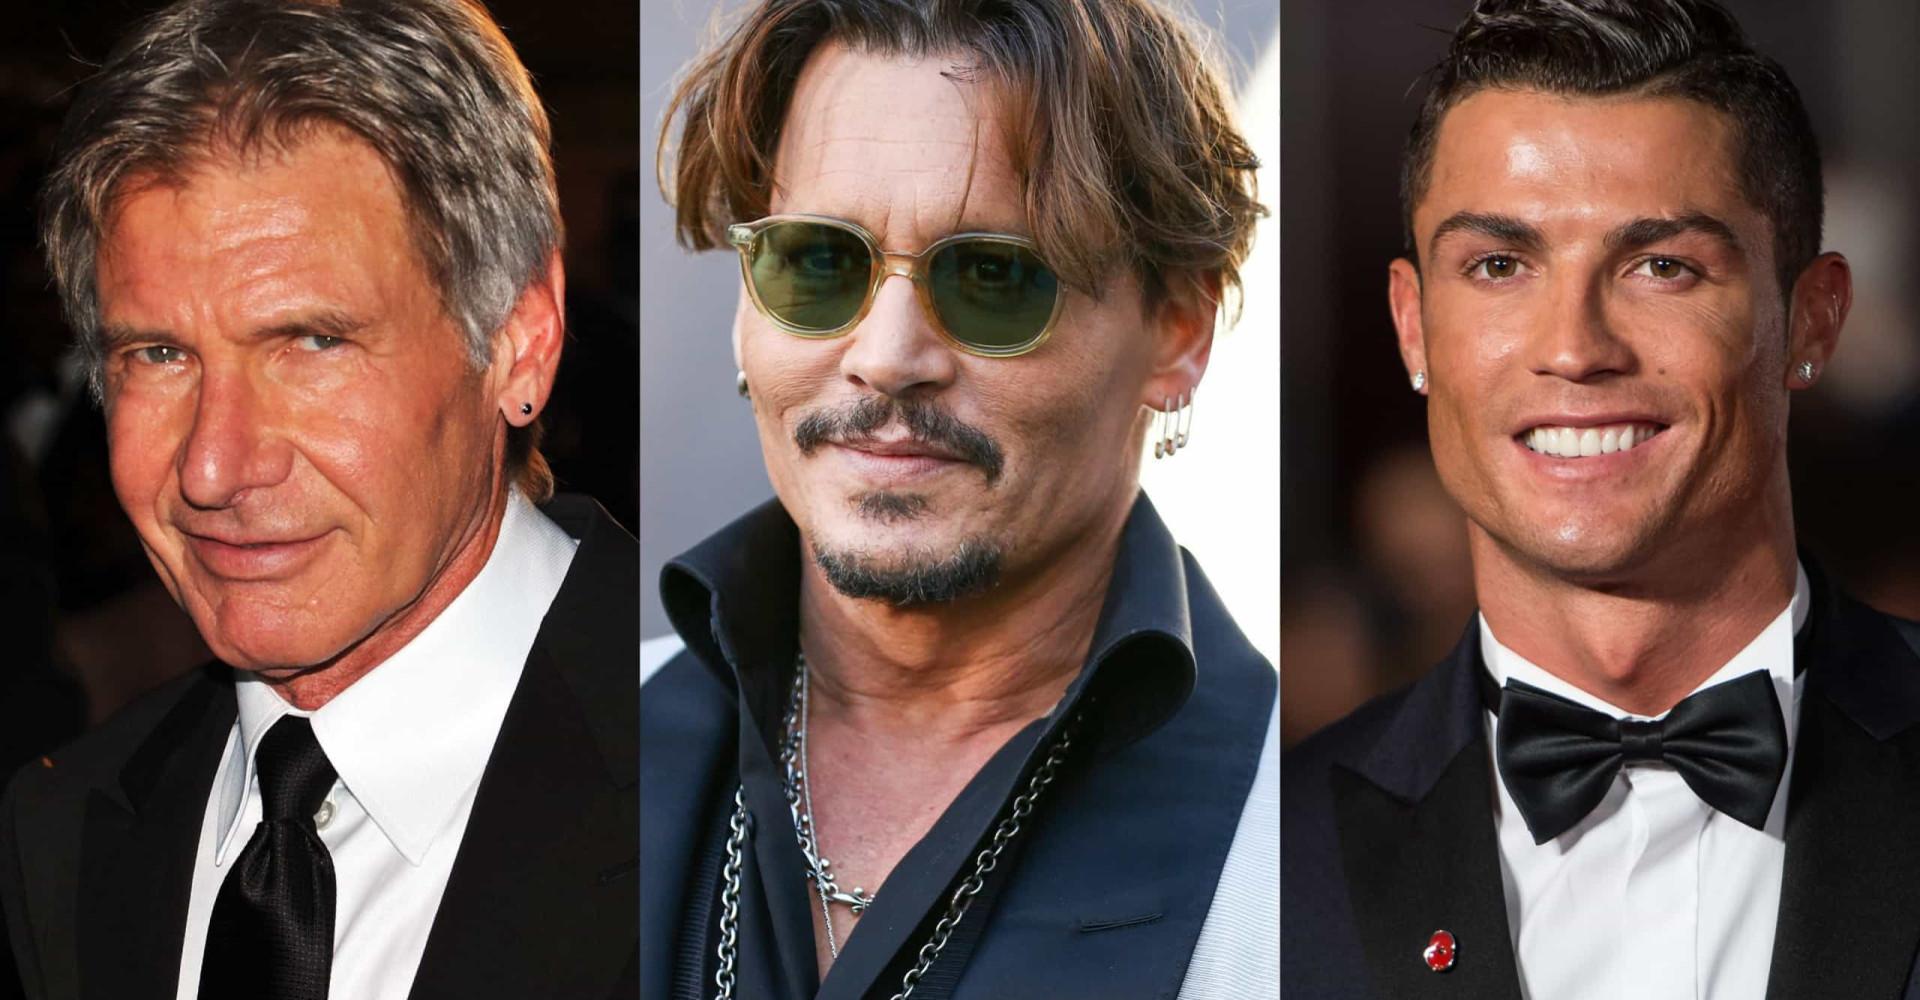 Deze beroemde mannen dragen graag oorbellen